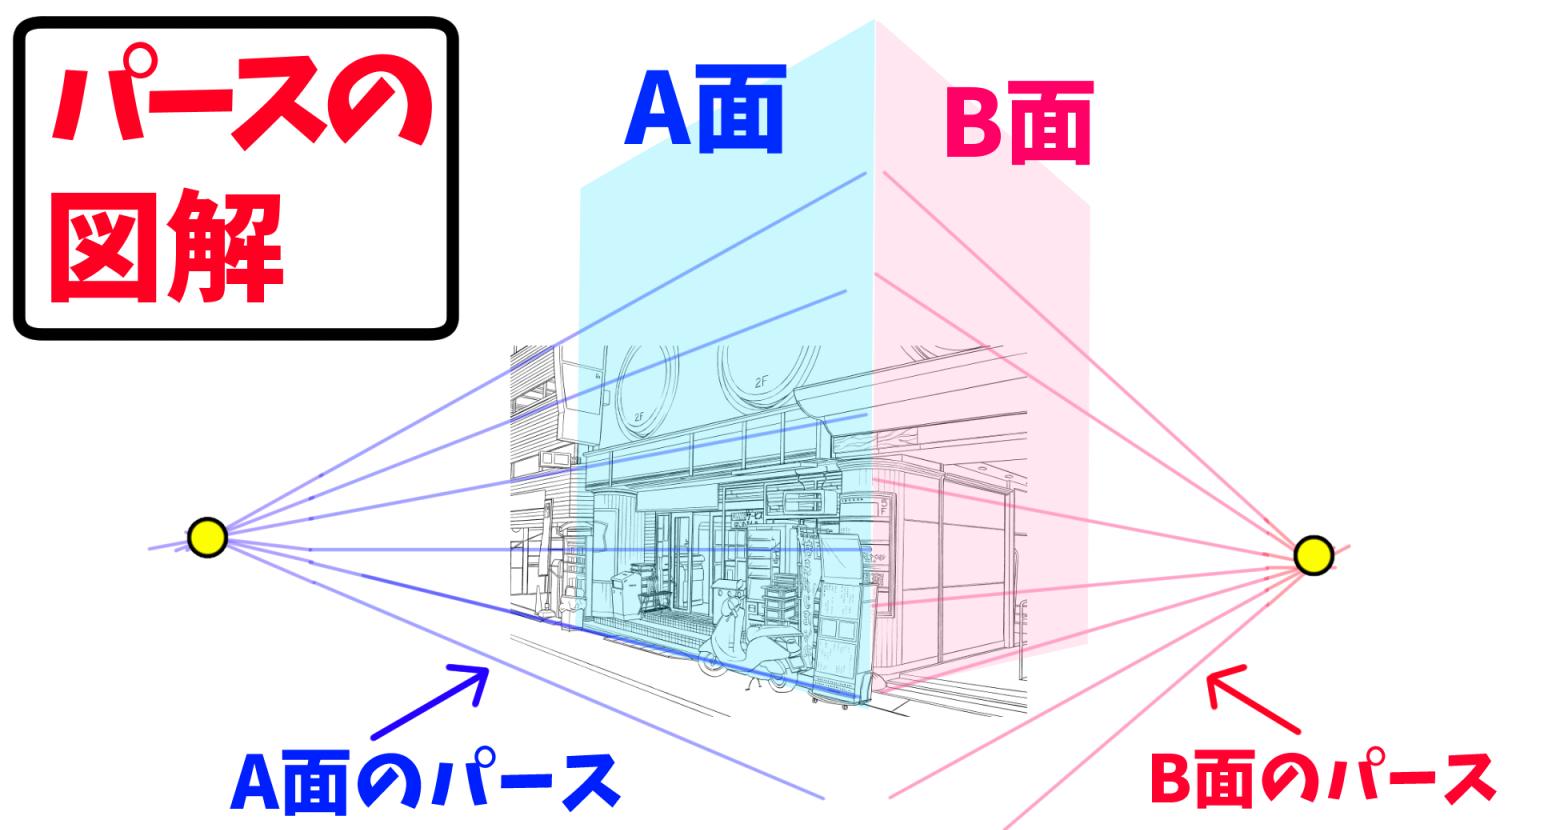 パースの意味 絵の背景の描き方